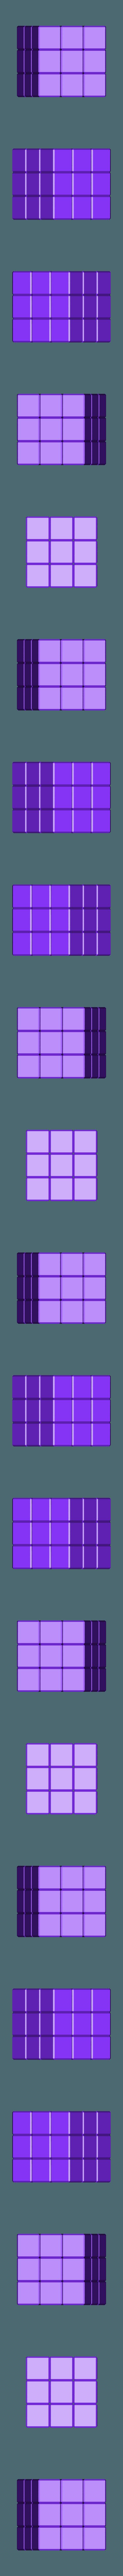 3x3.STL Download free STL file Rubik cube • 3D printer object, Thierryc44